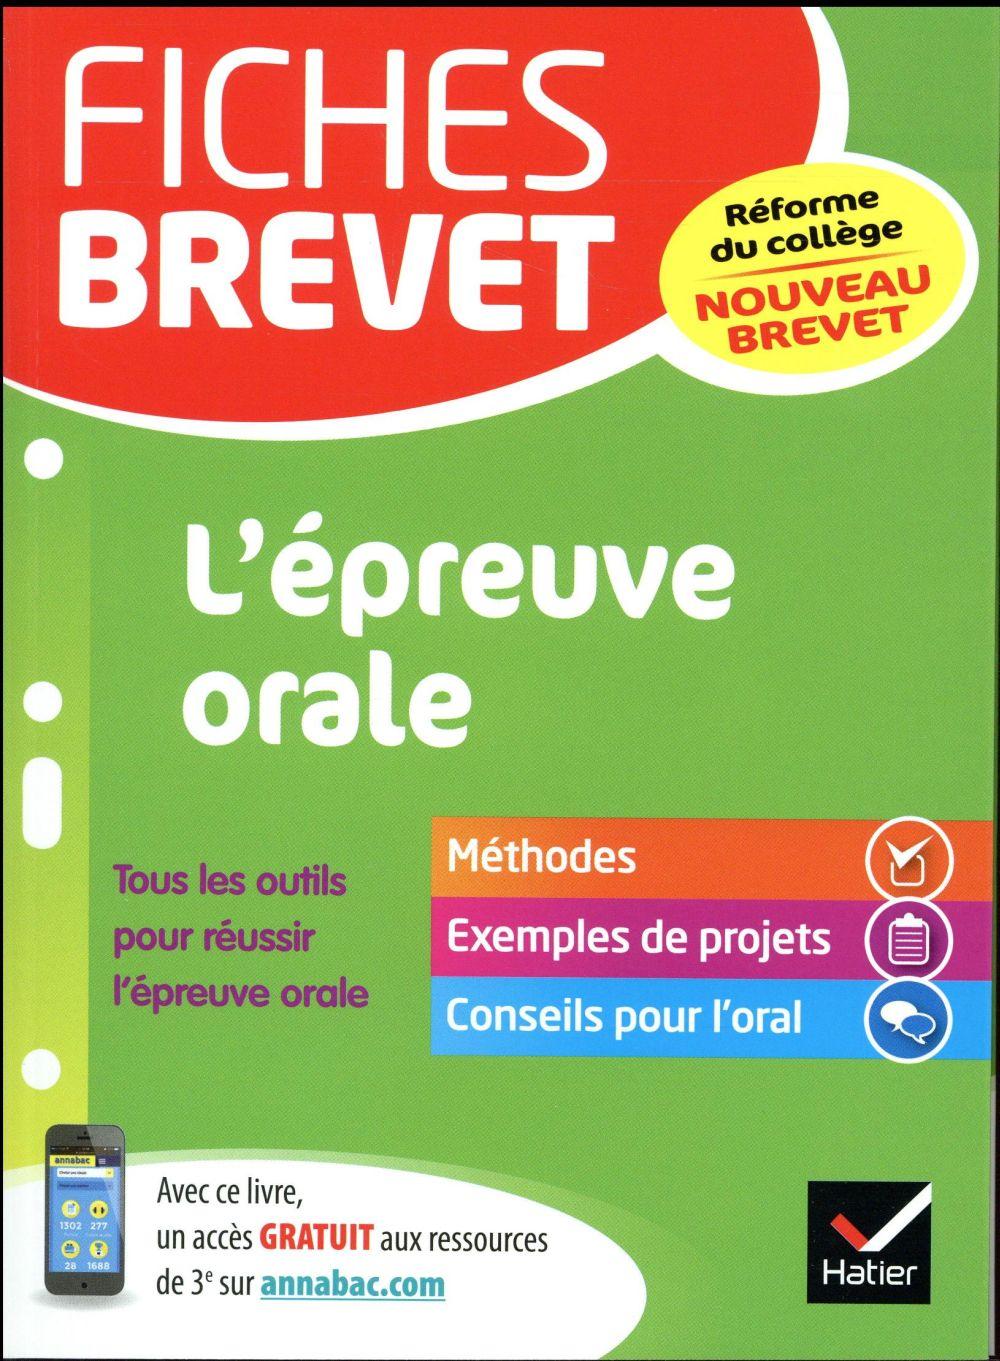 FICHES BREVET L'EPREUVE ORALE - SPECIAL NOUVEAU BREVET